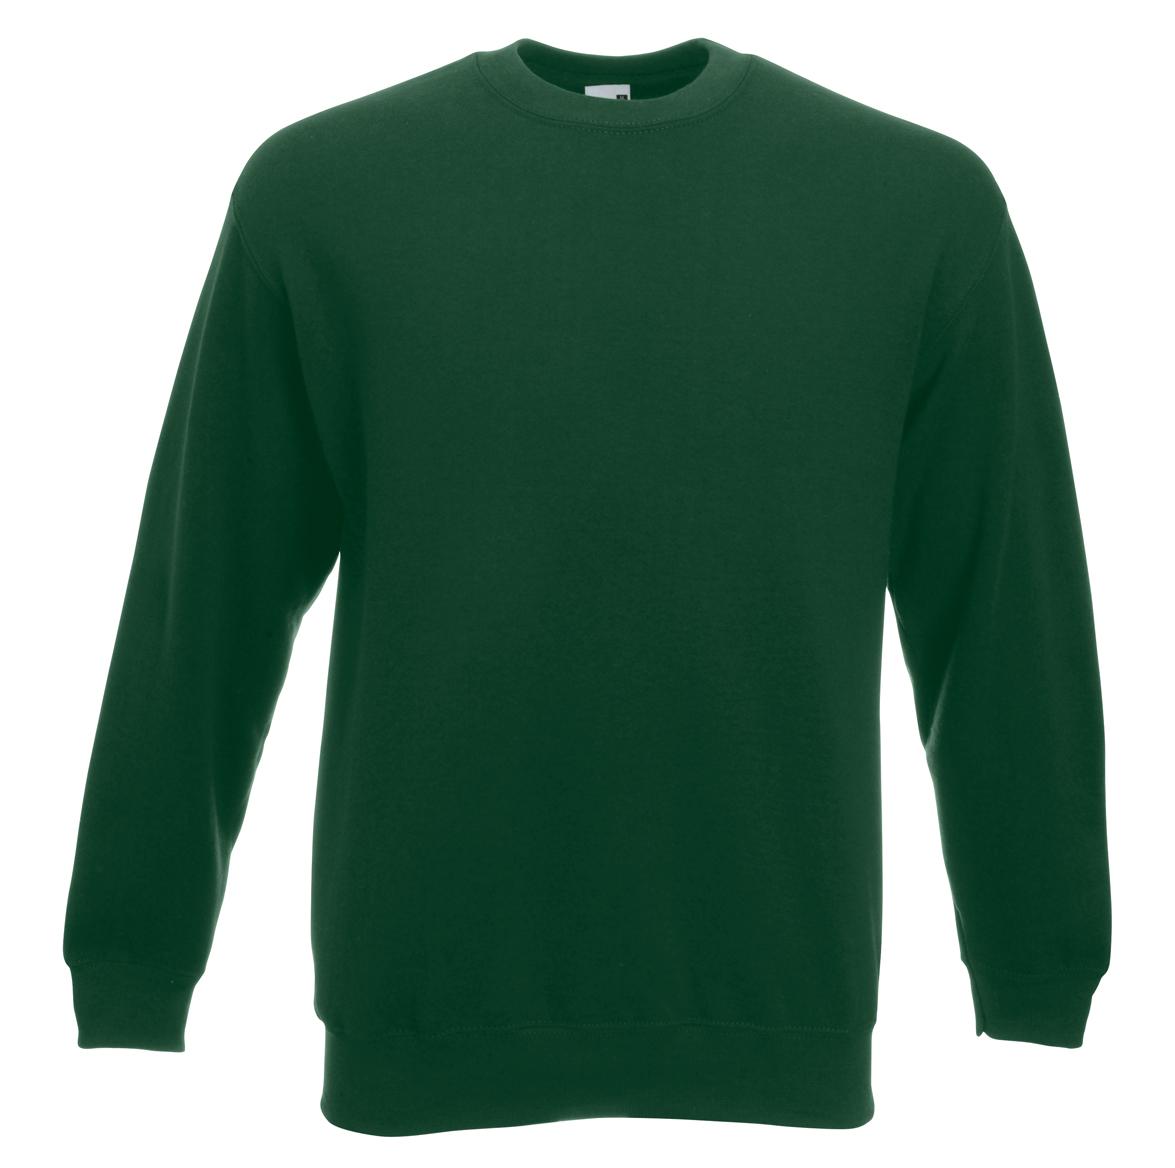 Fruit of the Loom Set-In Sweater 622020 Bottle Green